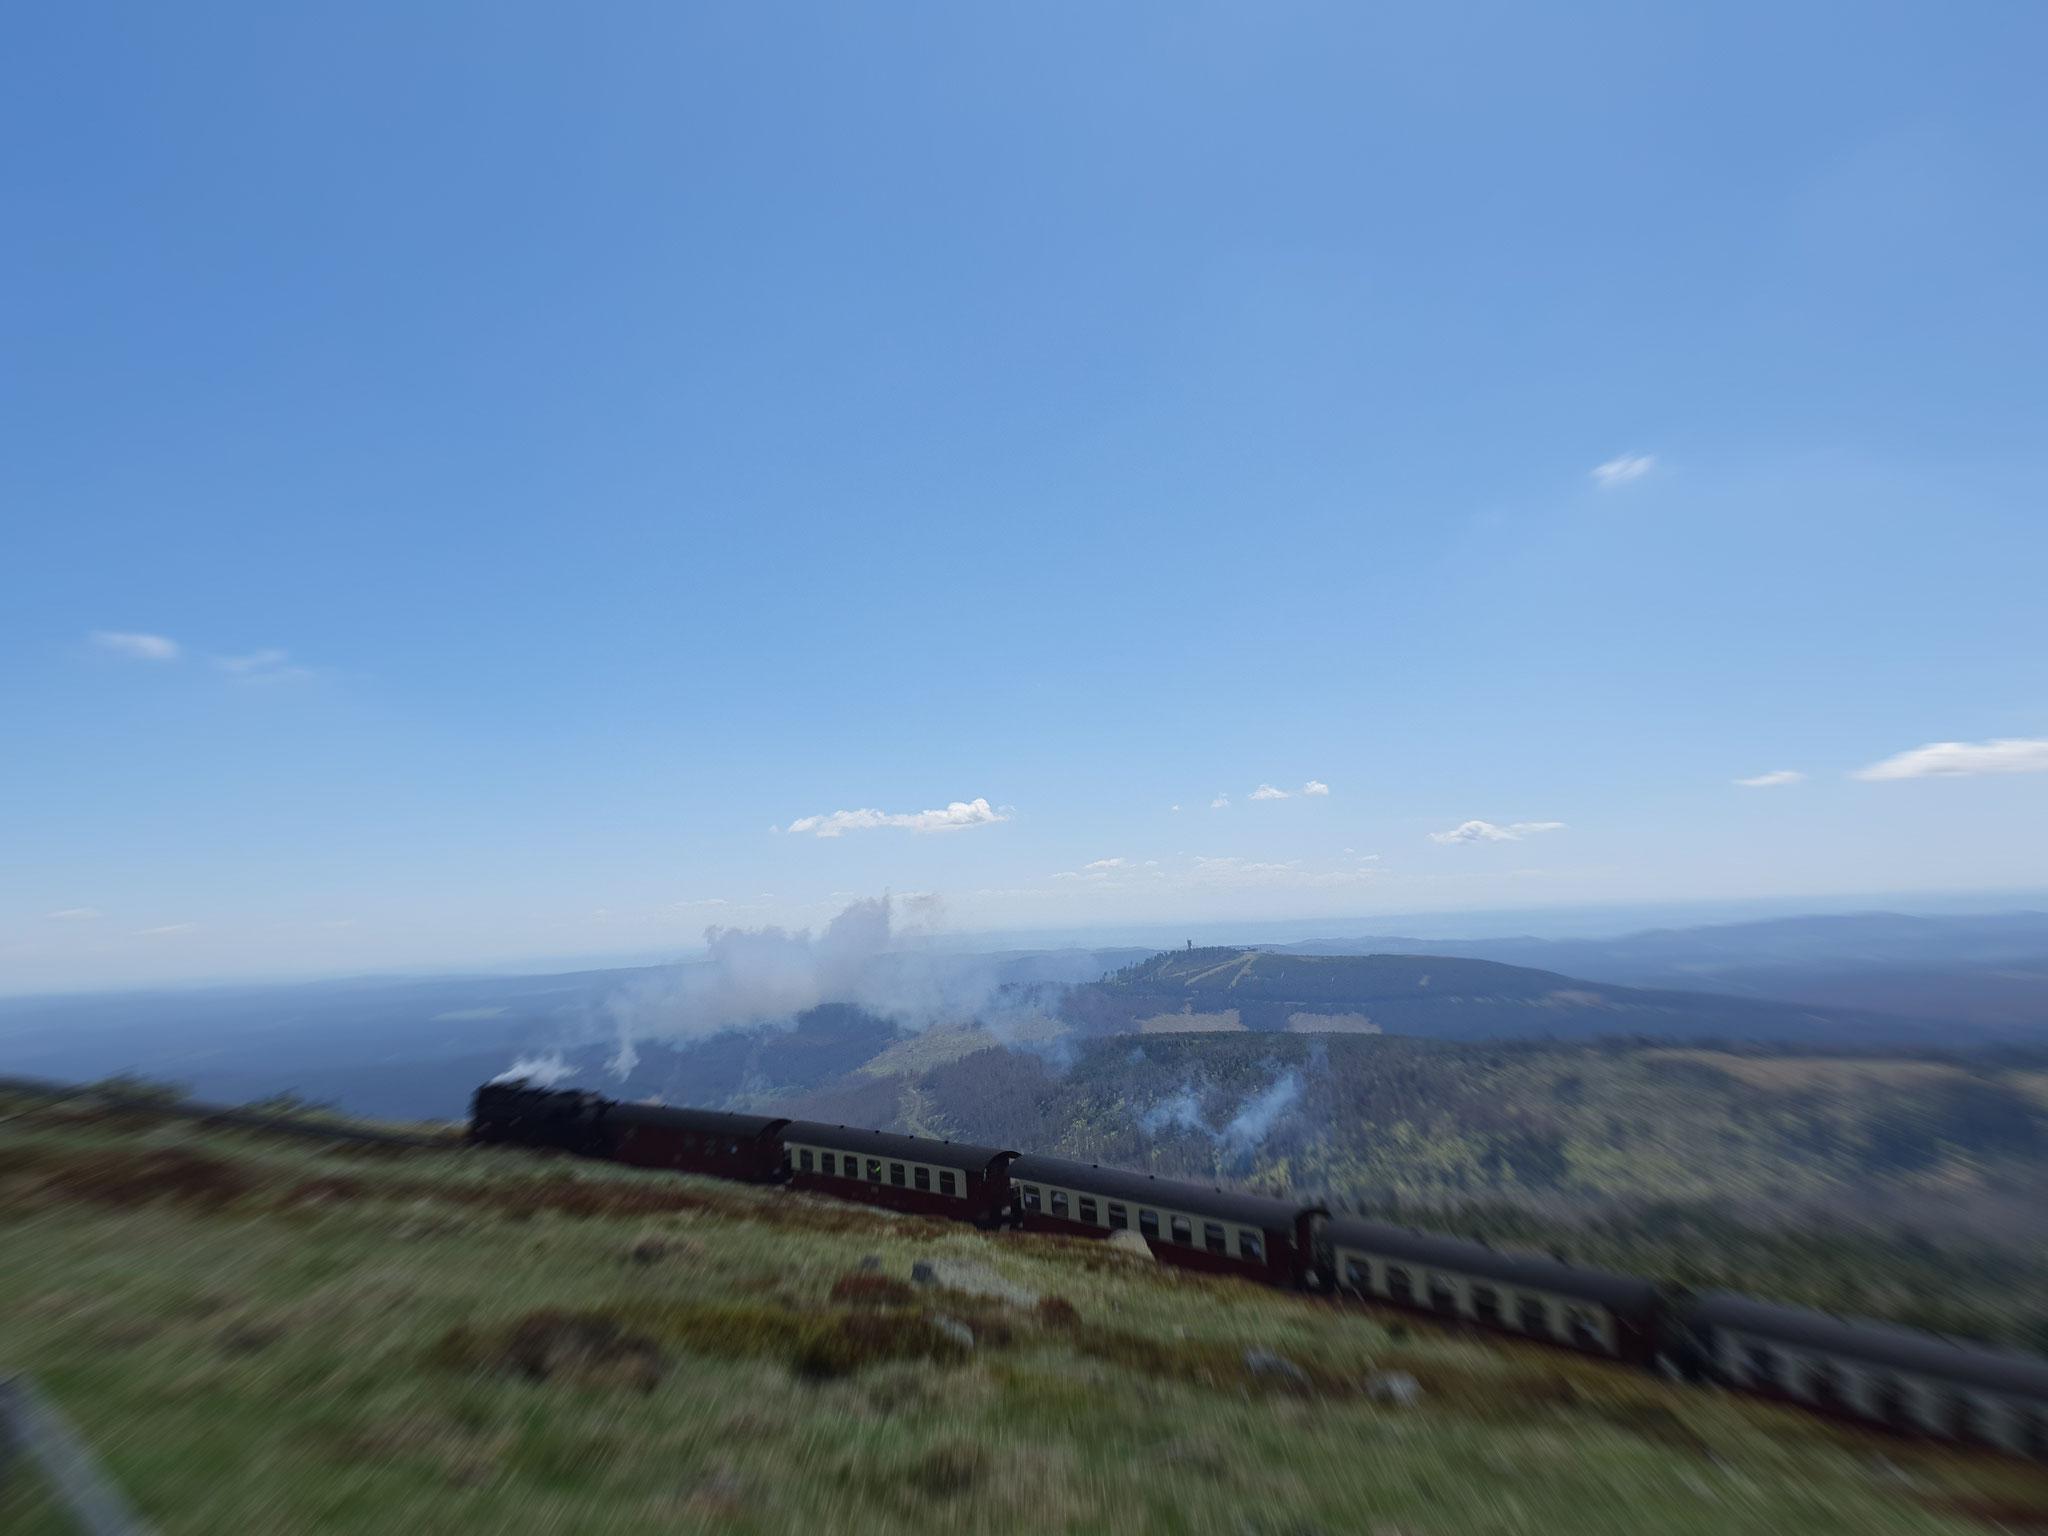 Schmalspurbahn zum Brocken